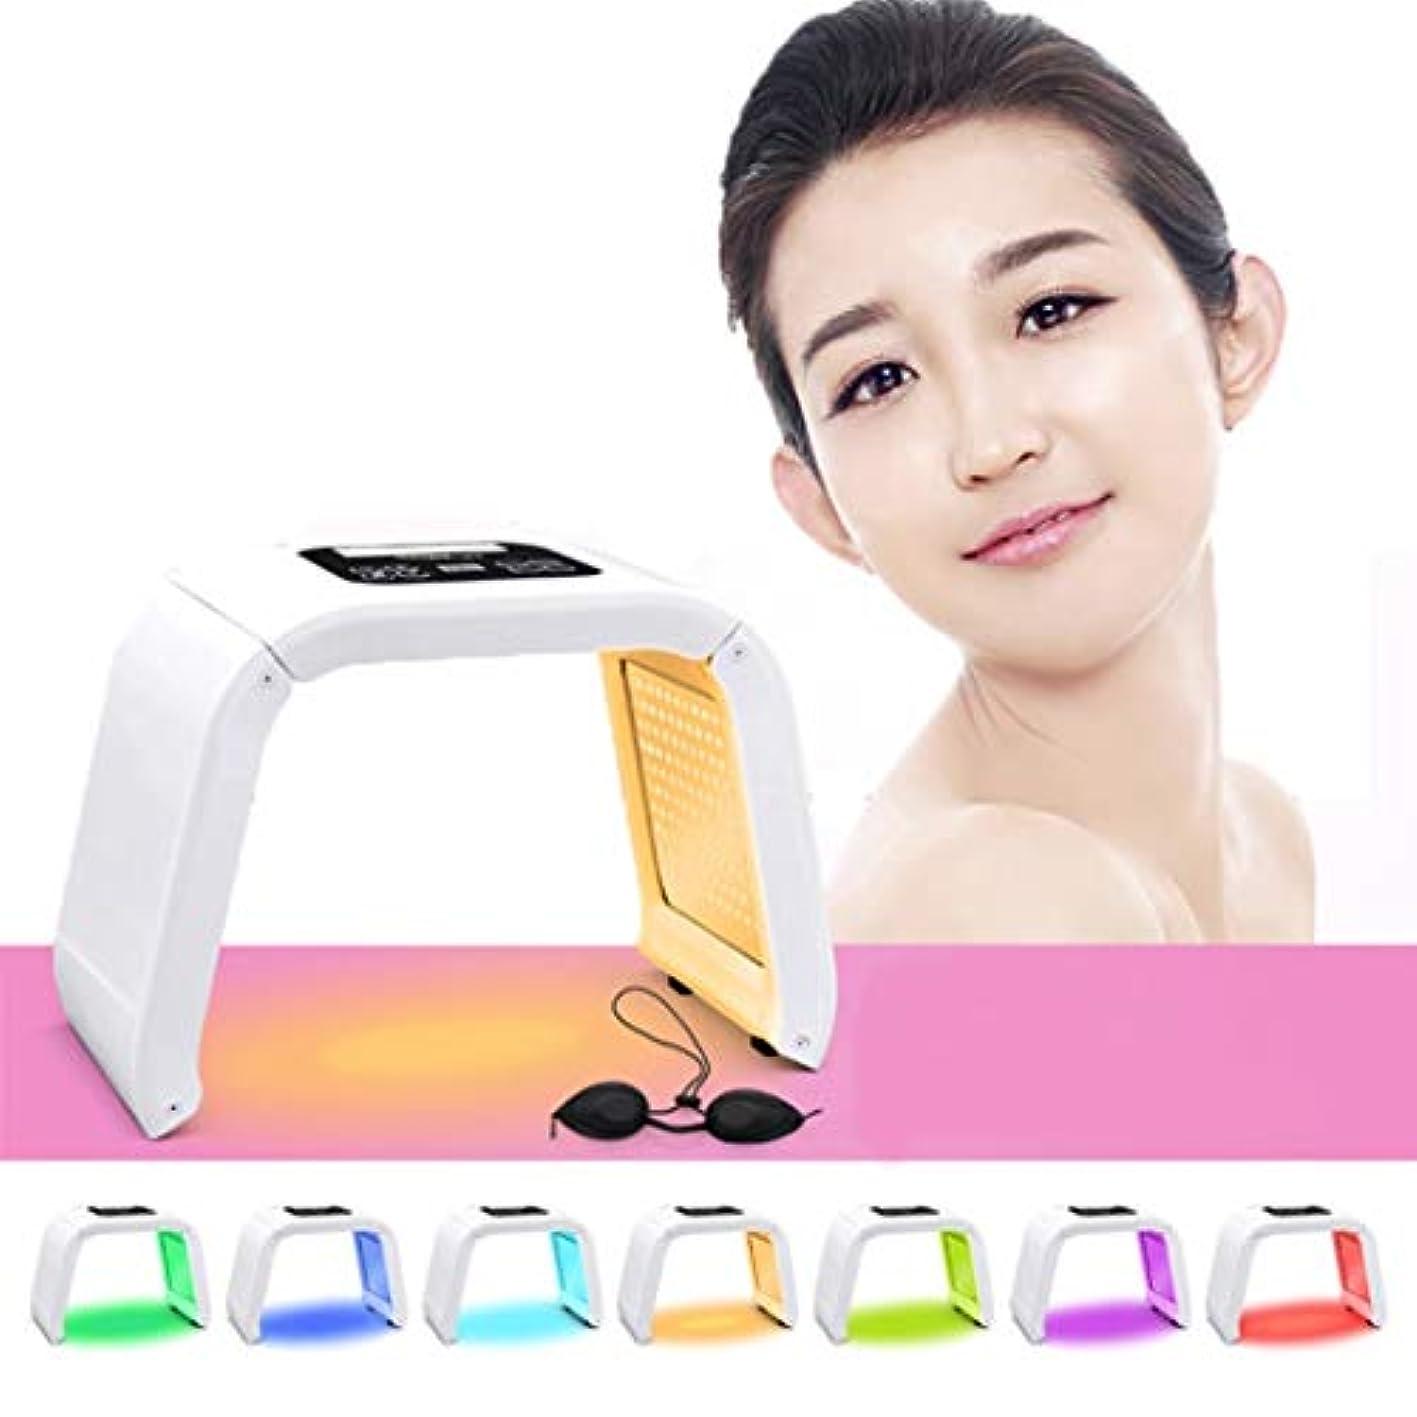 思い出させるマウントバンク差別若返りLED機器を皮膚、7色のLEDライトポータブル光子PDTにきび治療しわ除去健康な肌の若返りコラーゲンのためのアンチエイジング